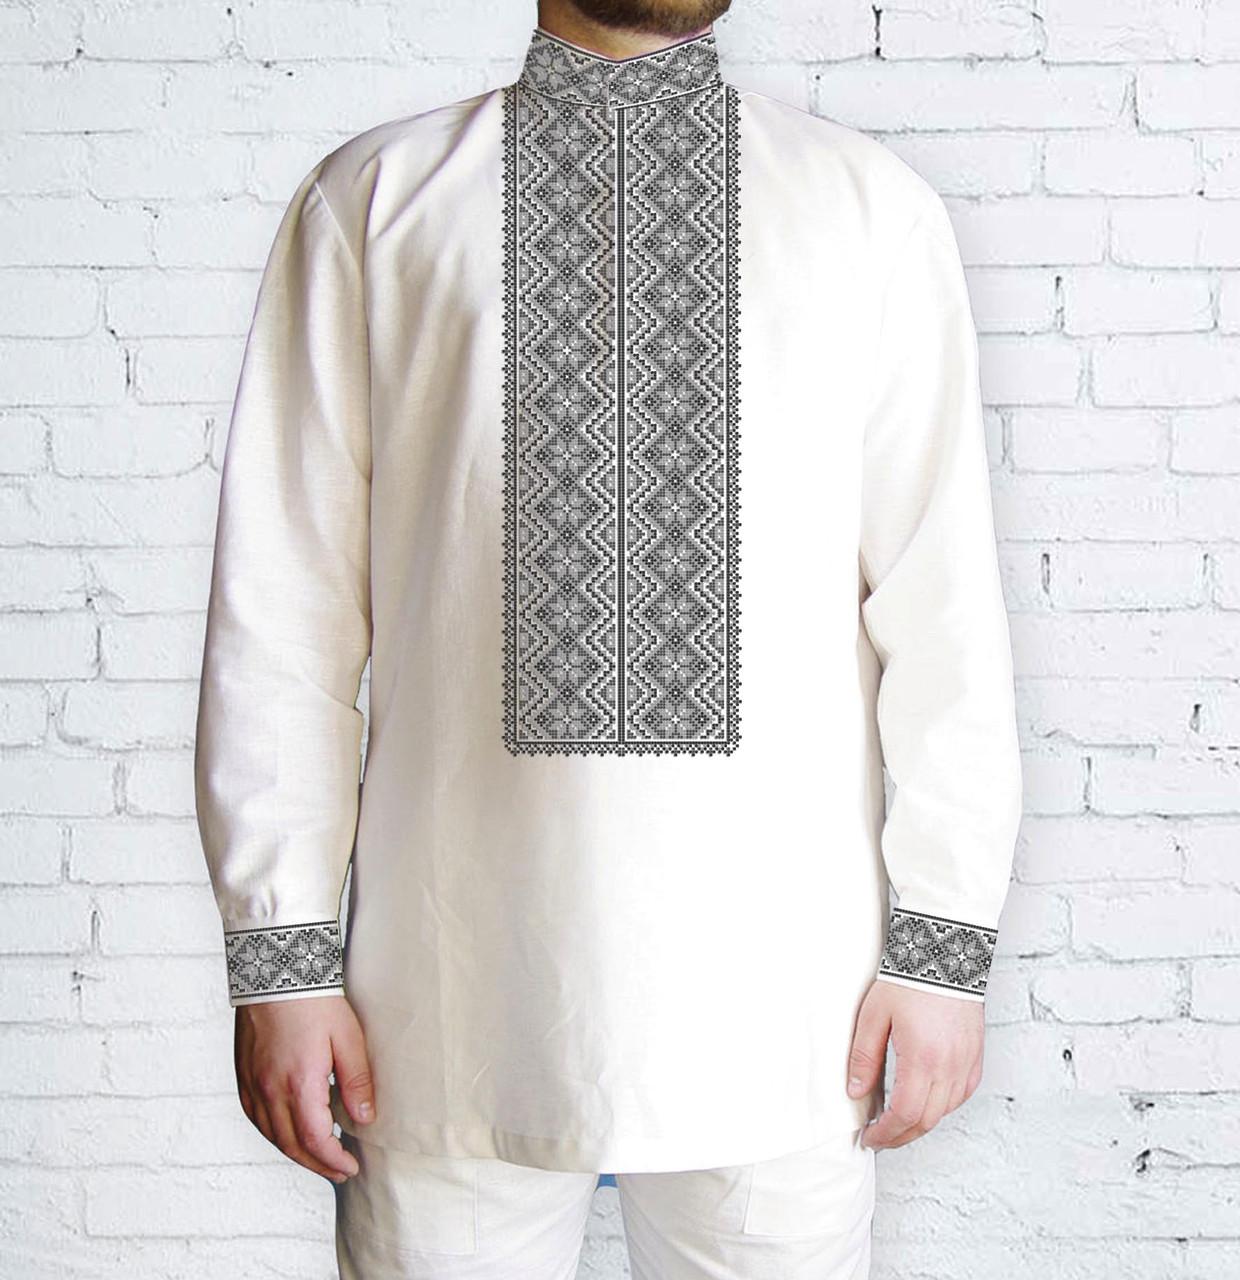 Заготовка чоловічої сорочки та вишиванки для вишивки чи вишивання бісером Бисерок «Ромби сірі 510 С» (Ч-510 С )